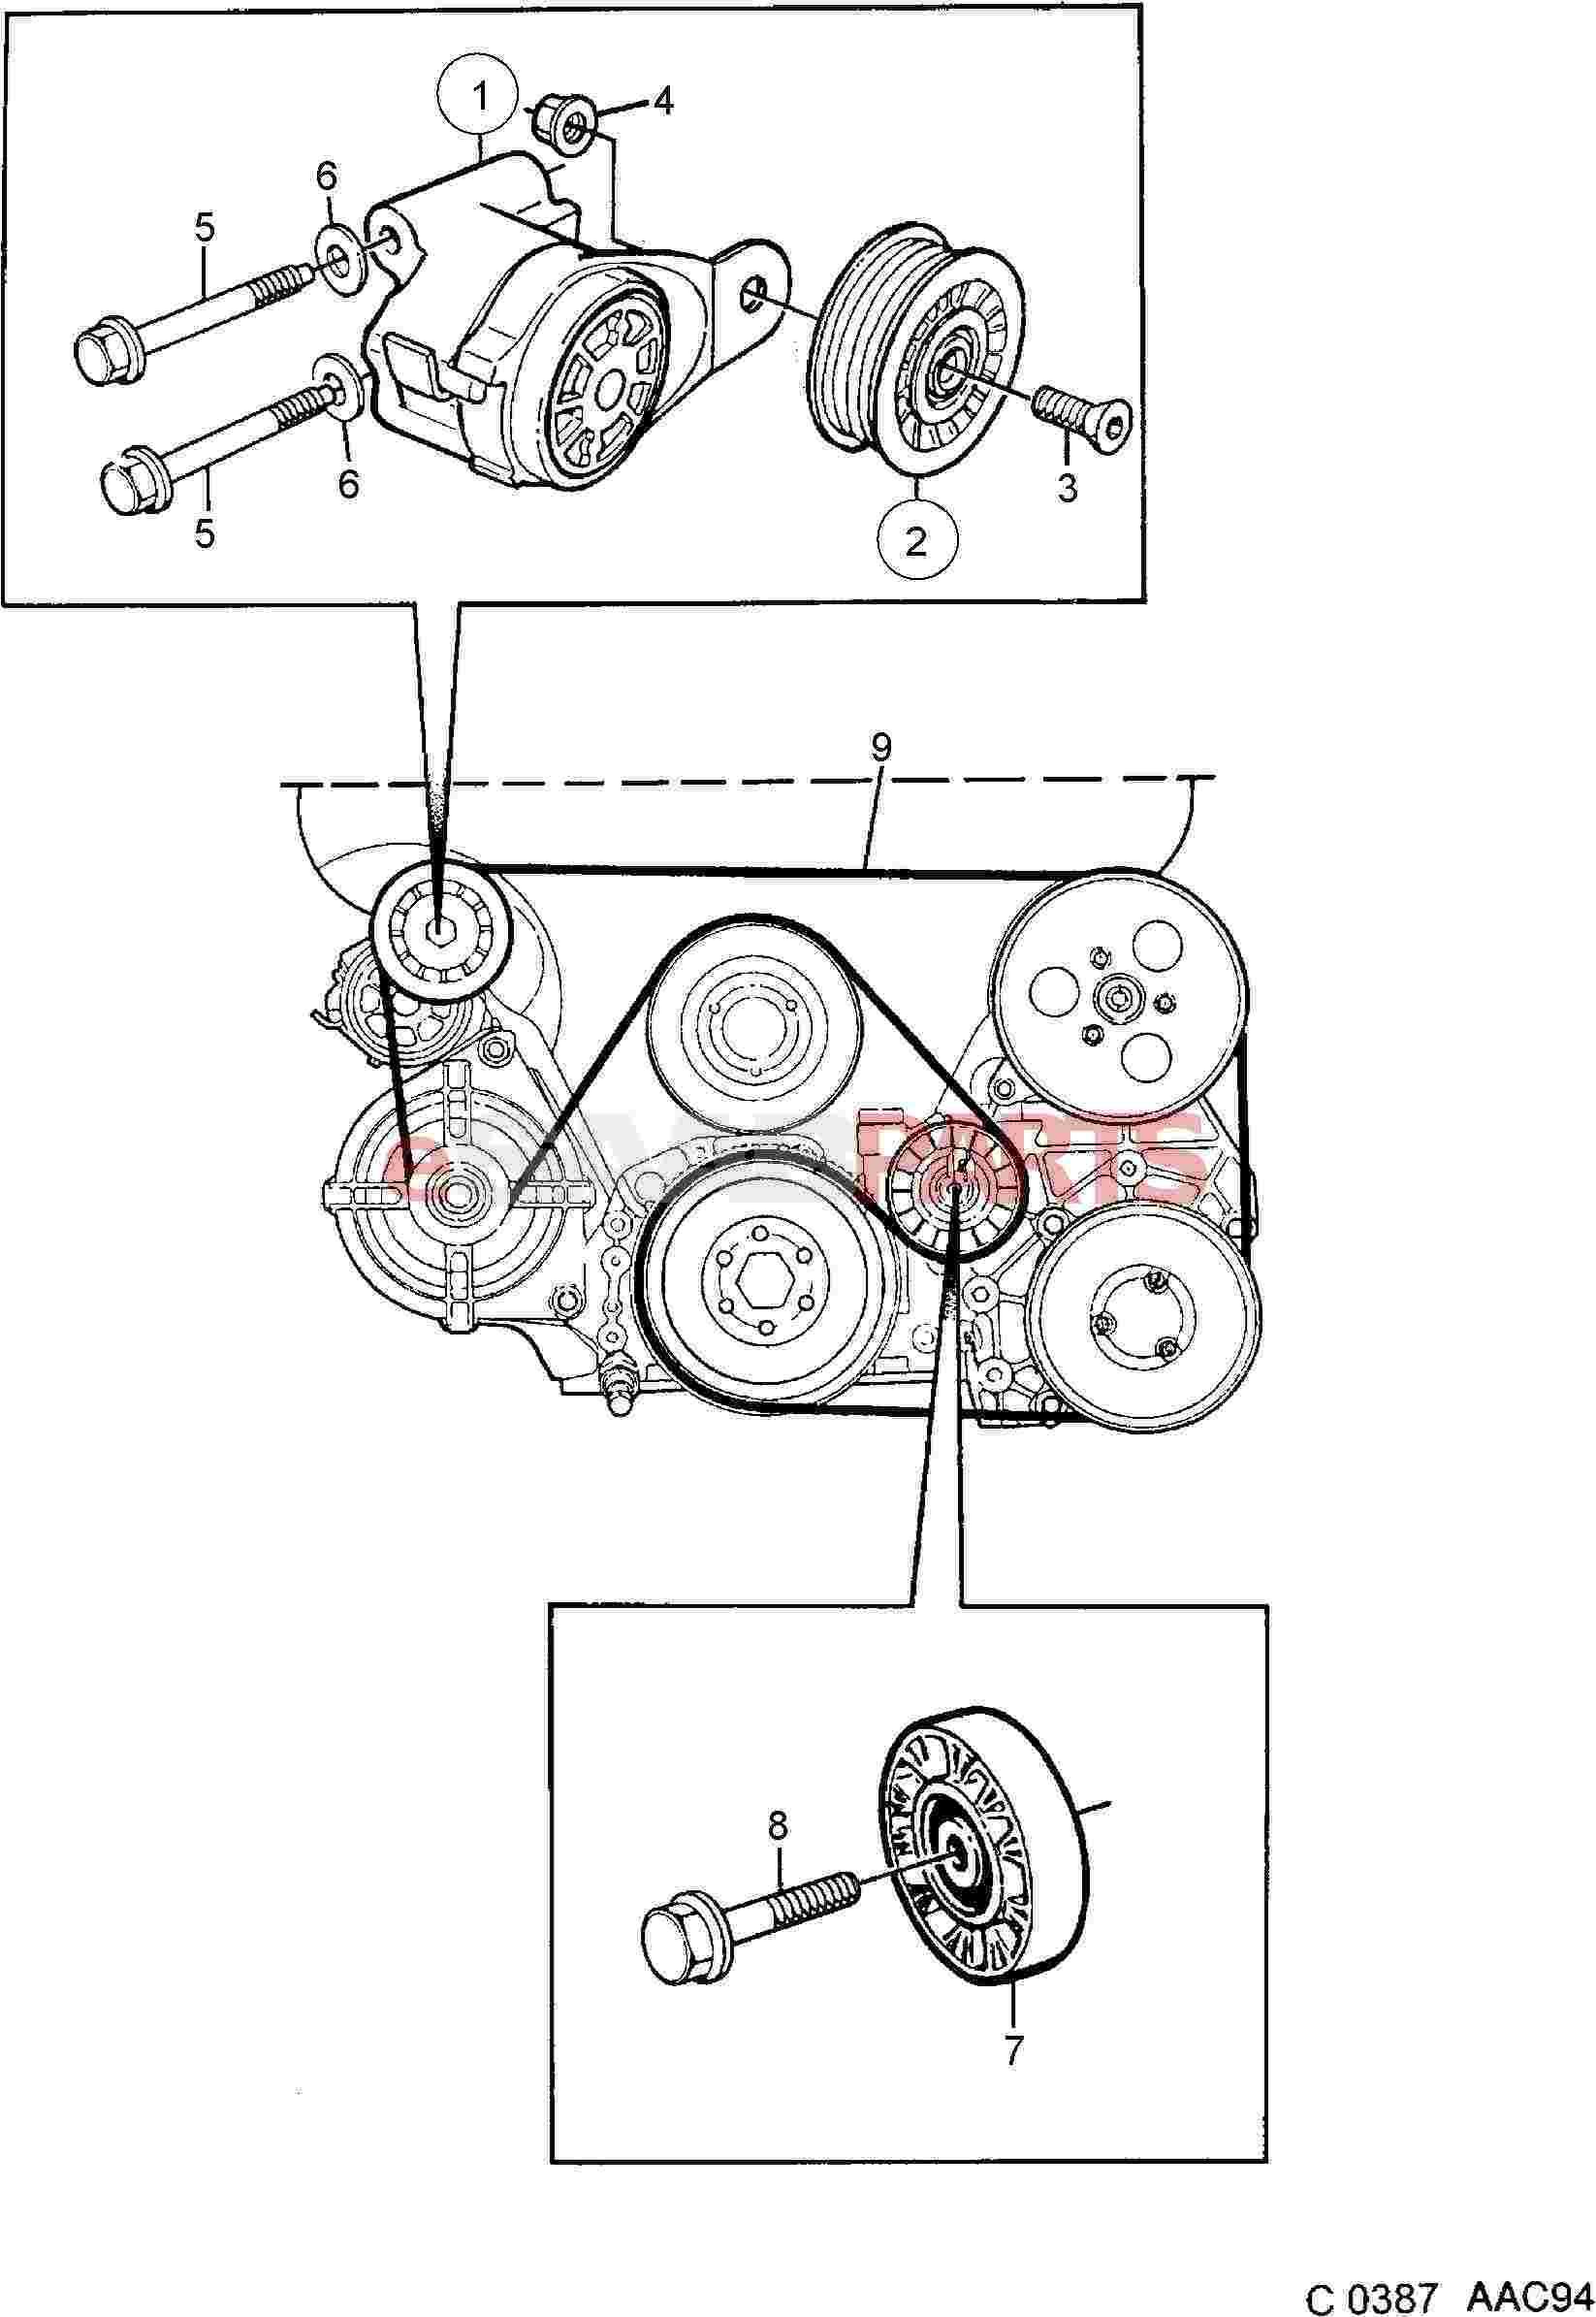 Saab 900 Engine Parts Belts Pulleys Belt Tensioner Diagram